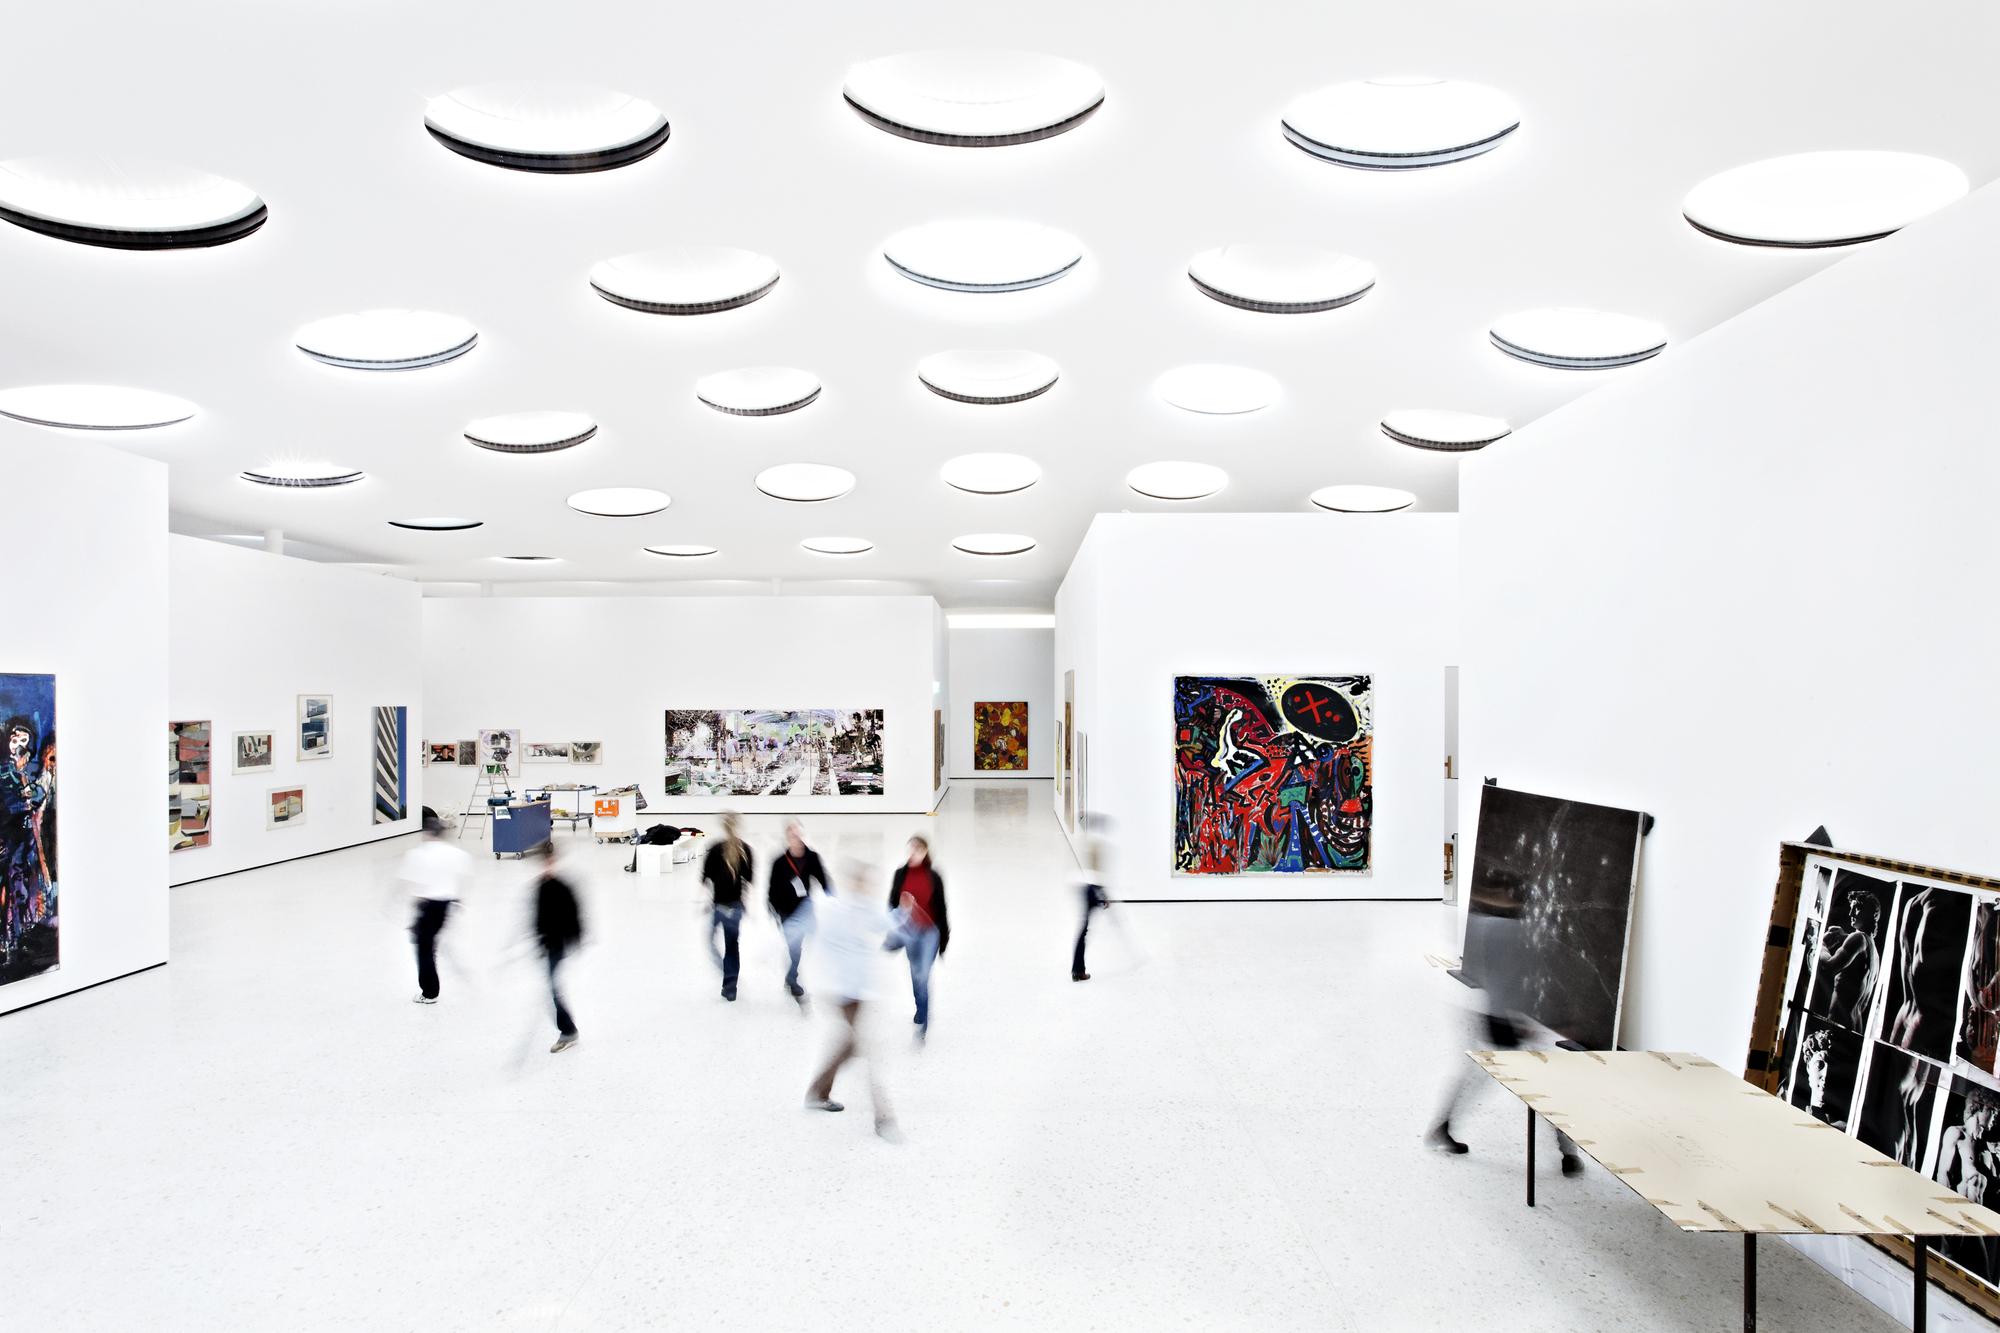 Không gian trưng bày cởi mở. Các hệ vách ngăn di động được thiết lập tuỳ theo chương trình trưng bày.